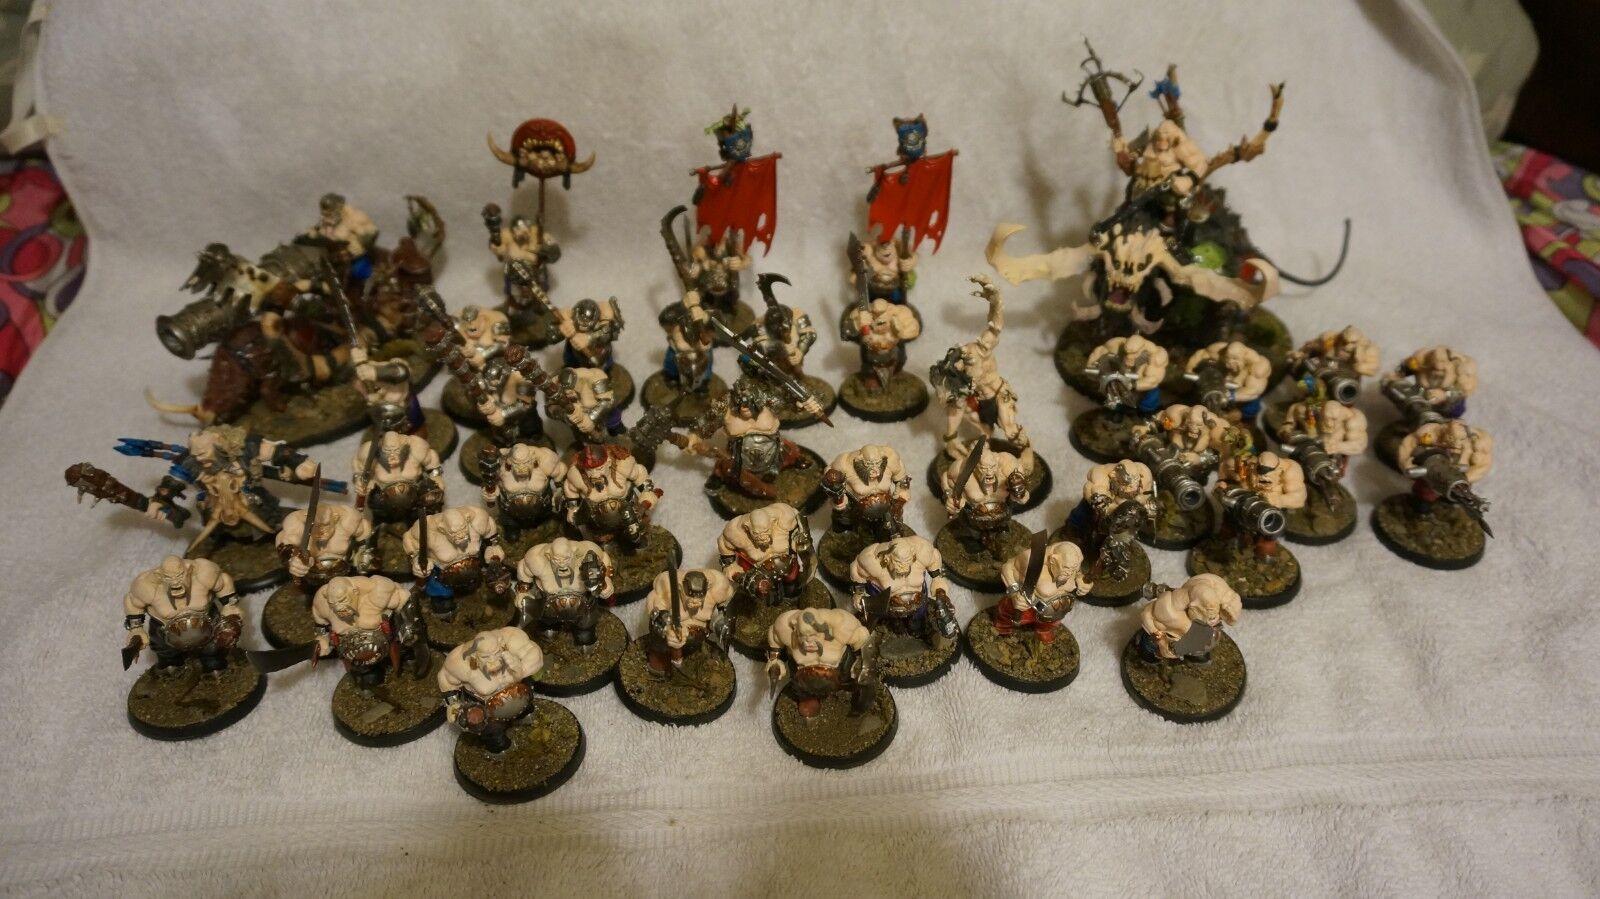 Warhammer FB edad de Sigmar gutbusters ogors Grande Buen Pintado Ejército ogro Reino